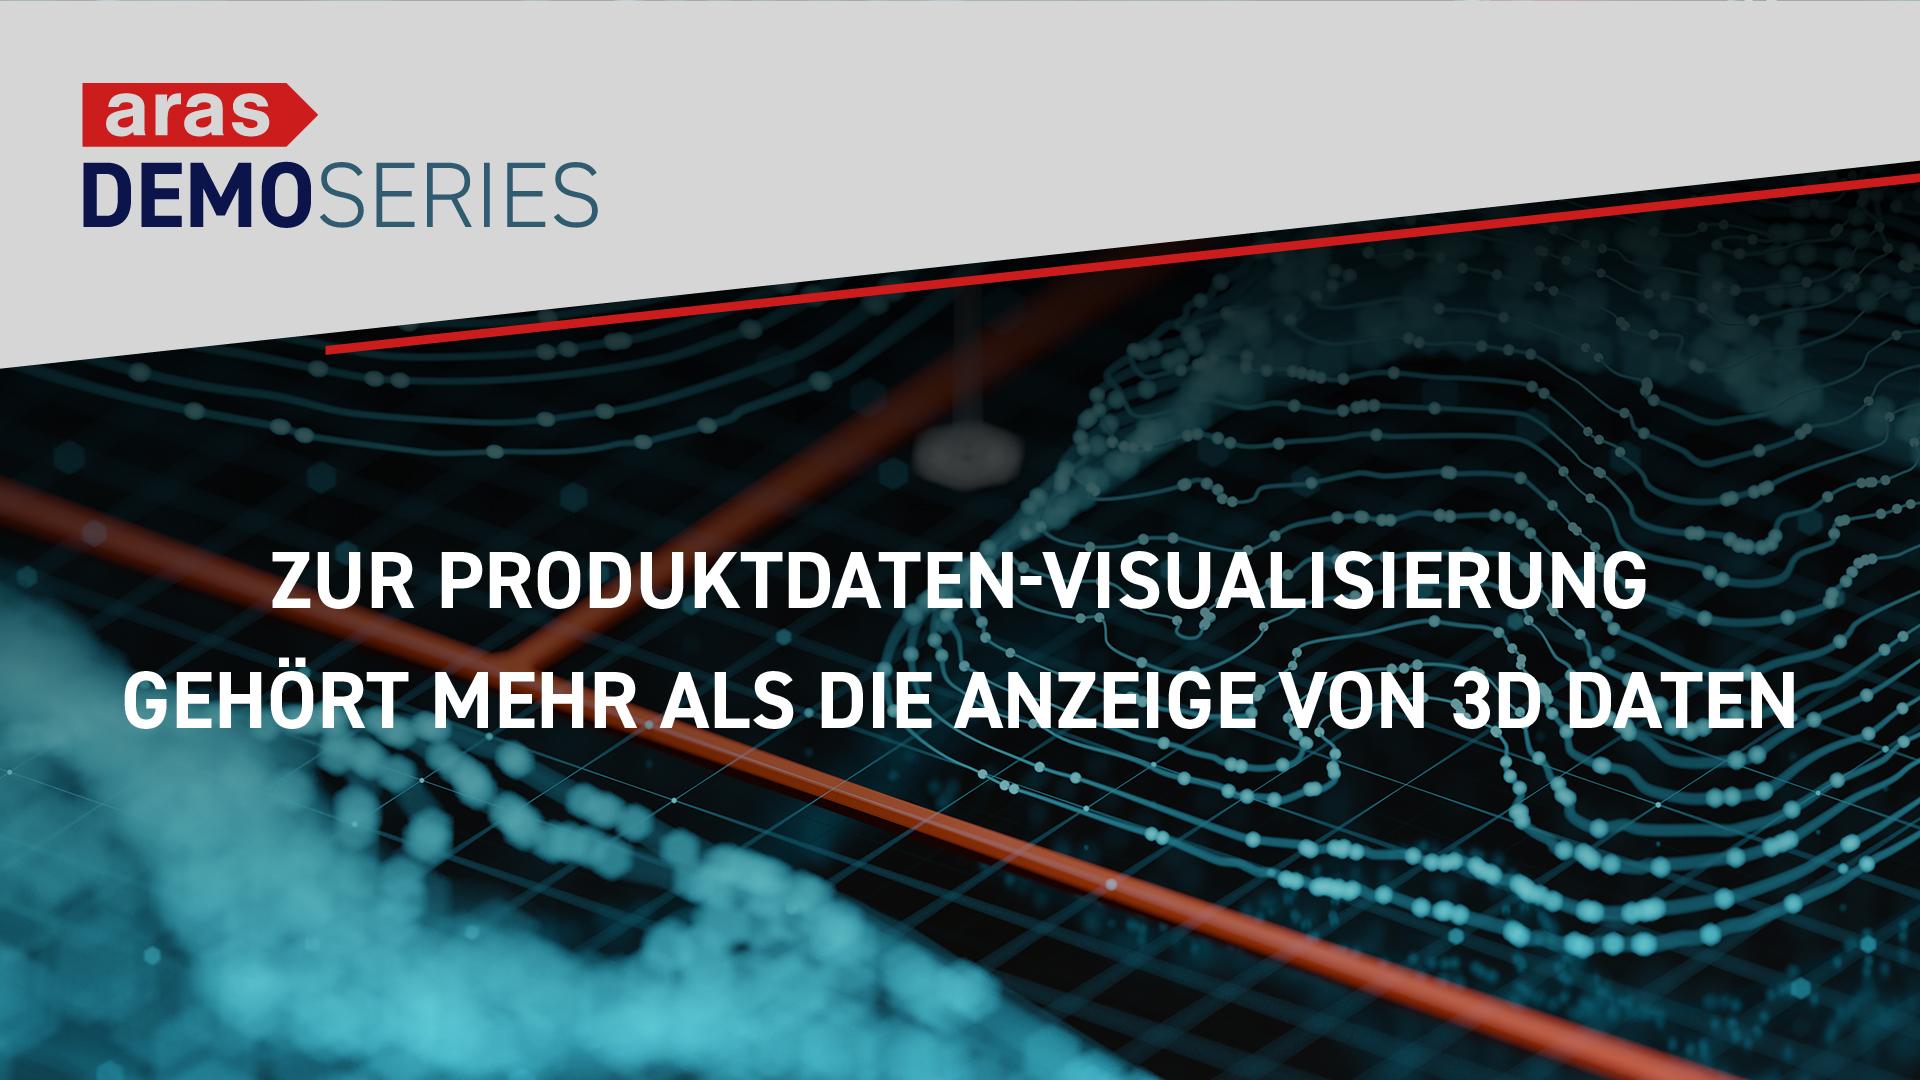 Visualisierung gehört mehr als die Anzeige von 3D Daten - Teil 2